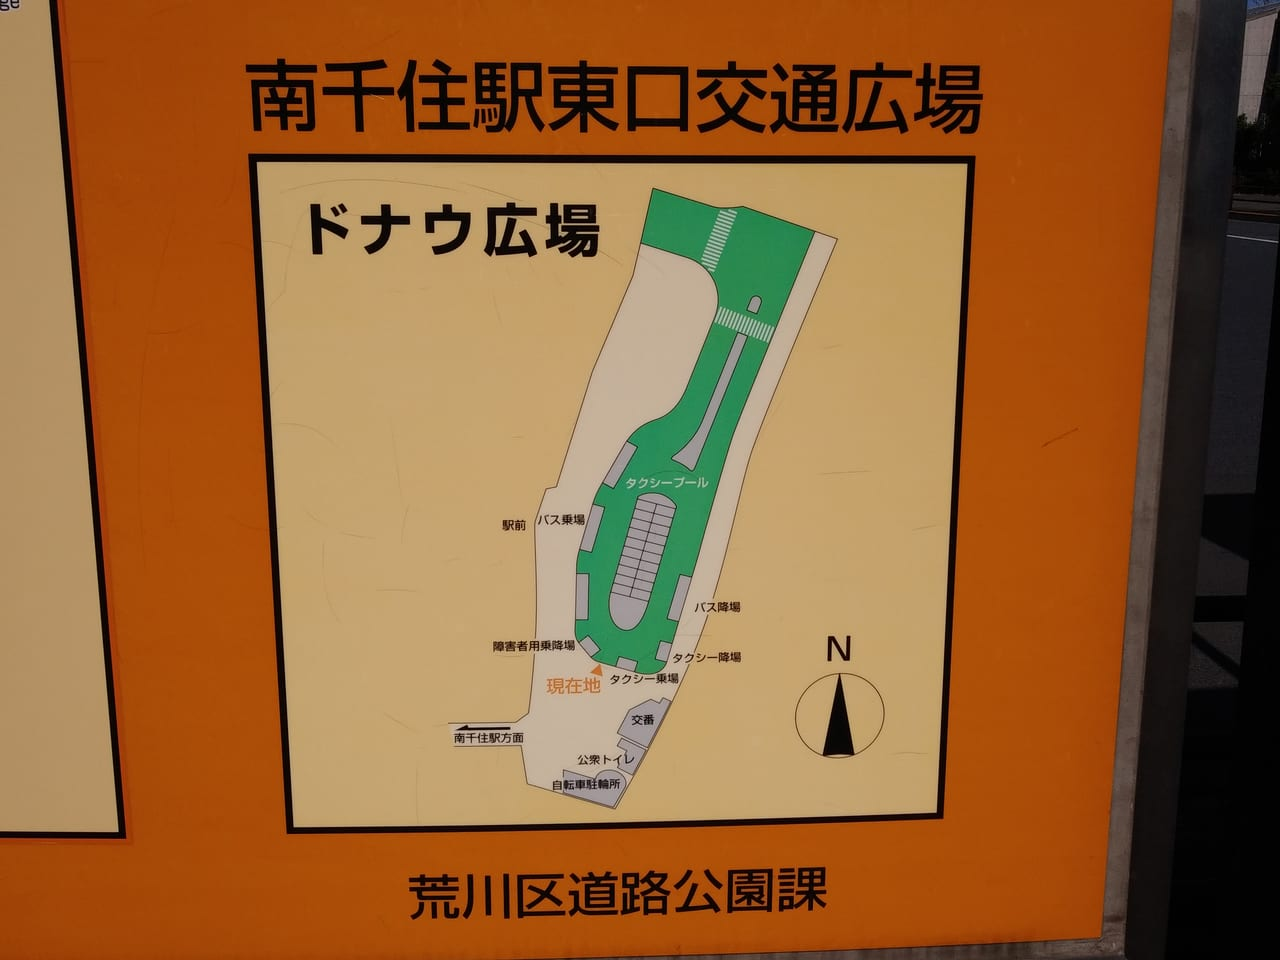 ドナウ広場の案内図